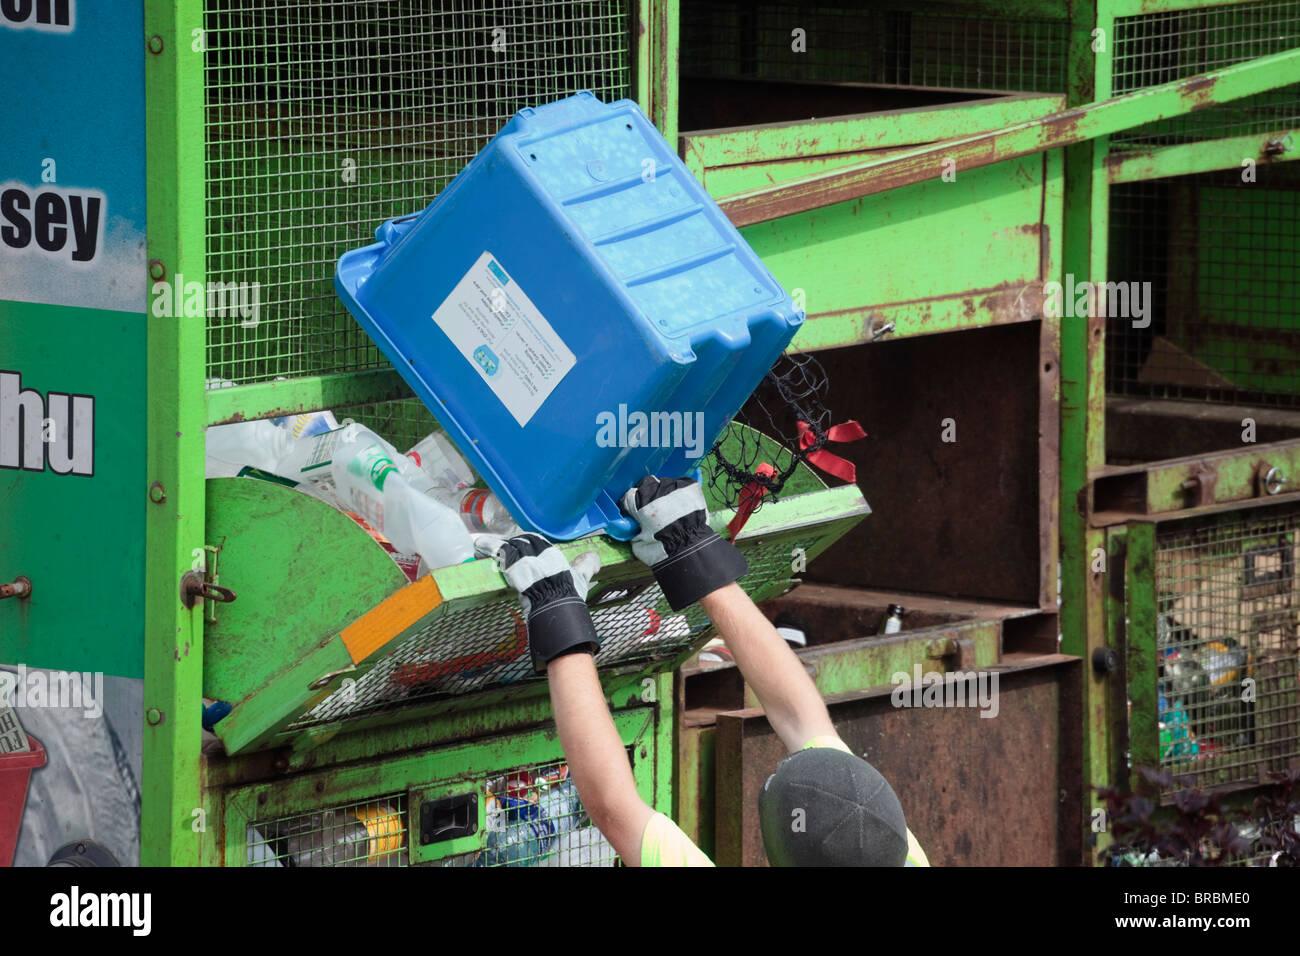 Workman raccolta riciclaggio casella di svuotamento di bottiglie di plastica nel carrello come parte della gestione Immagini Stock